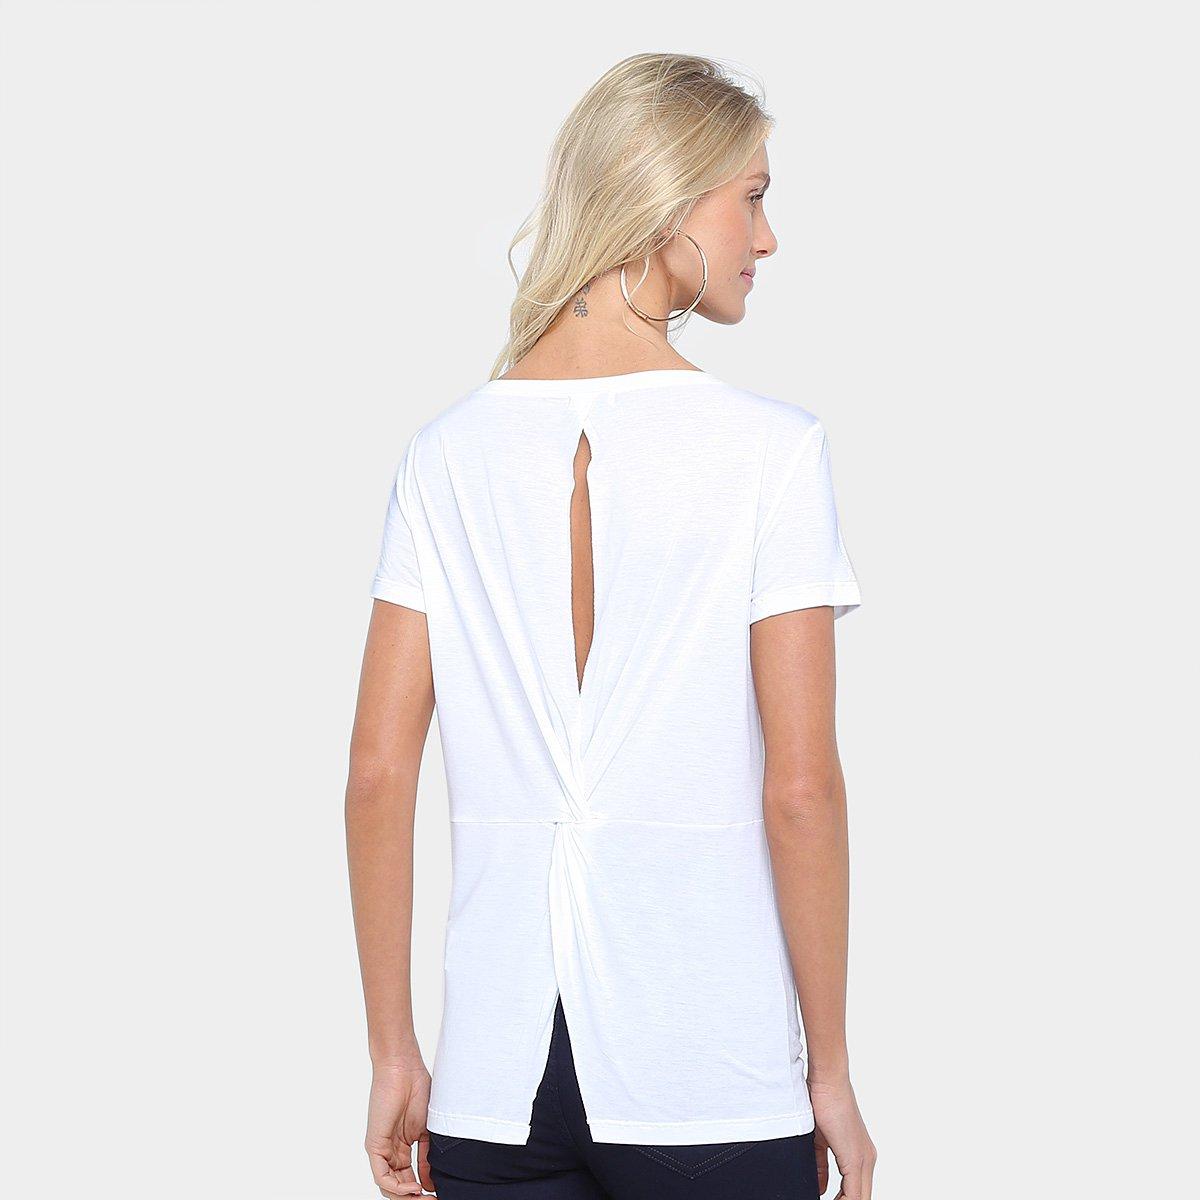 43b61b0de Camiseta Colcci Alongada Recorte Feminina | Livelo -Sua Vida com ...